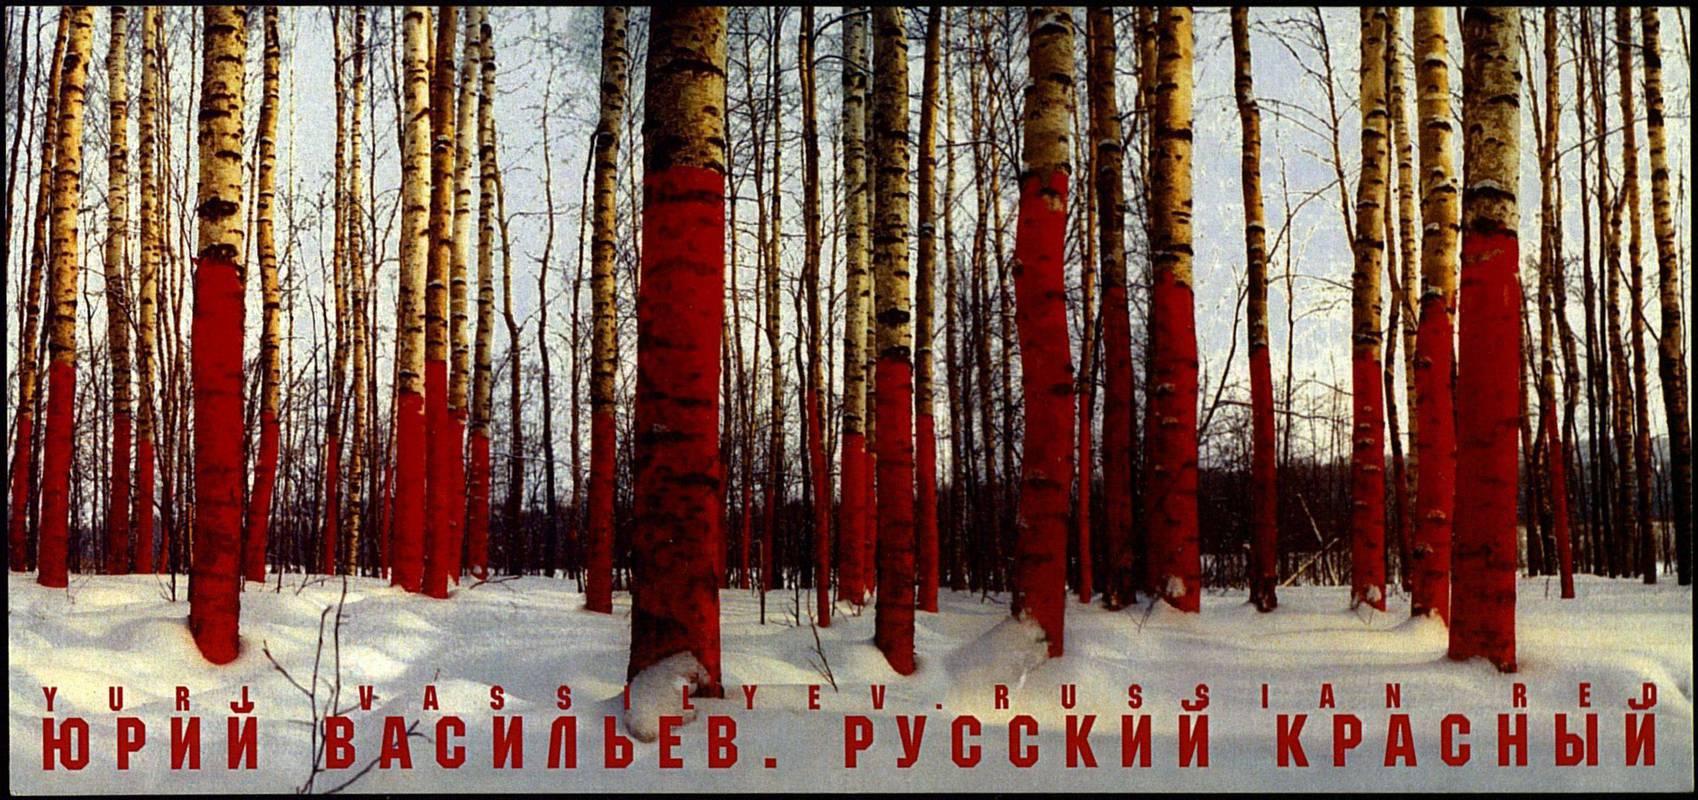 Yuri Vassilyev. Russian Red